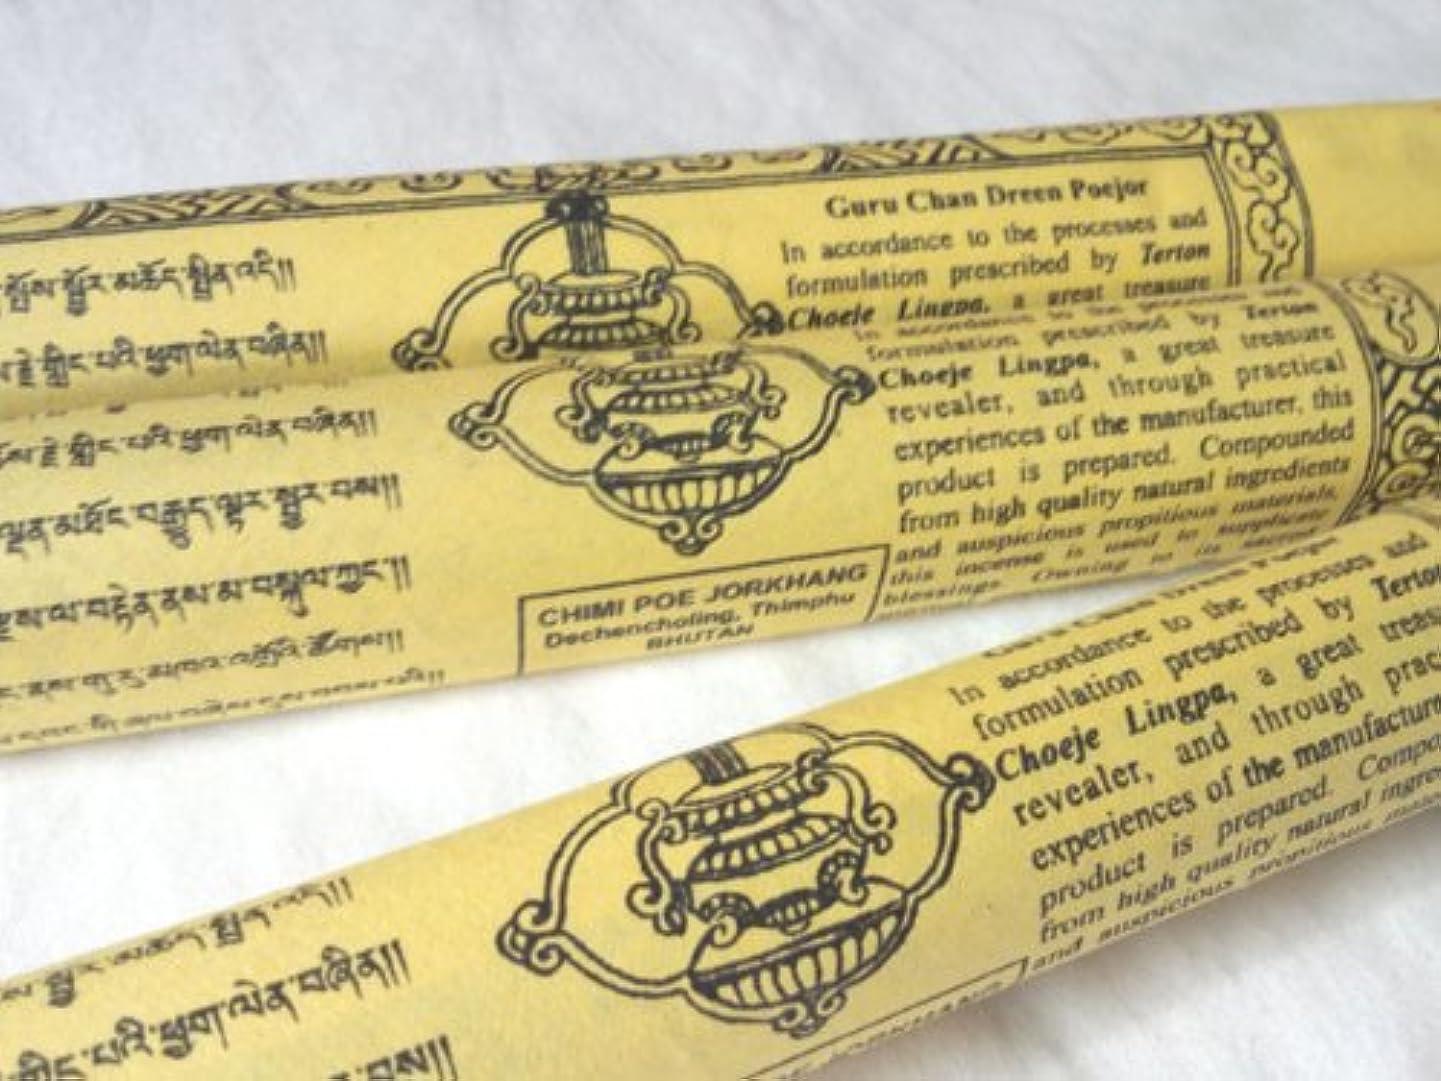 ライフル不完全楽観チミ香/グルチャンダン カラーパッケージ  Guru Chan Dreen Poejor - Color Package 25本入り